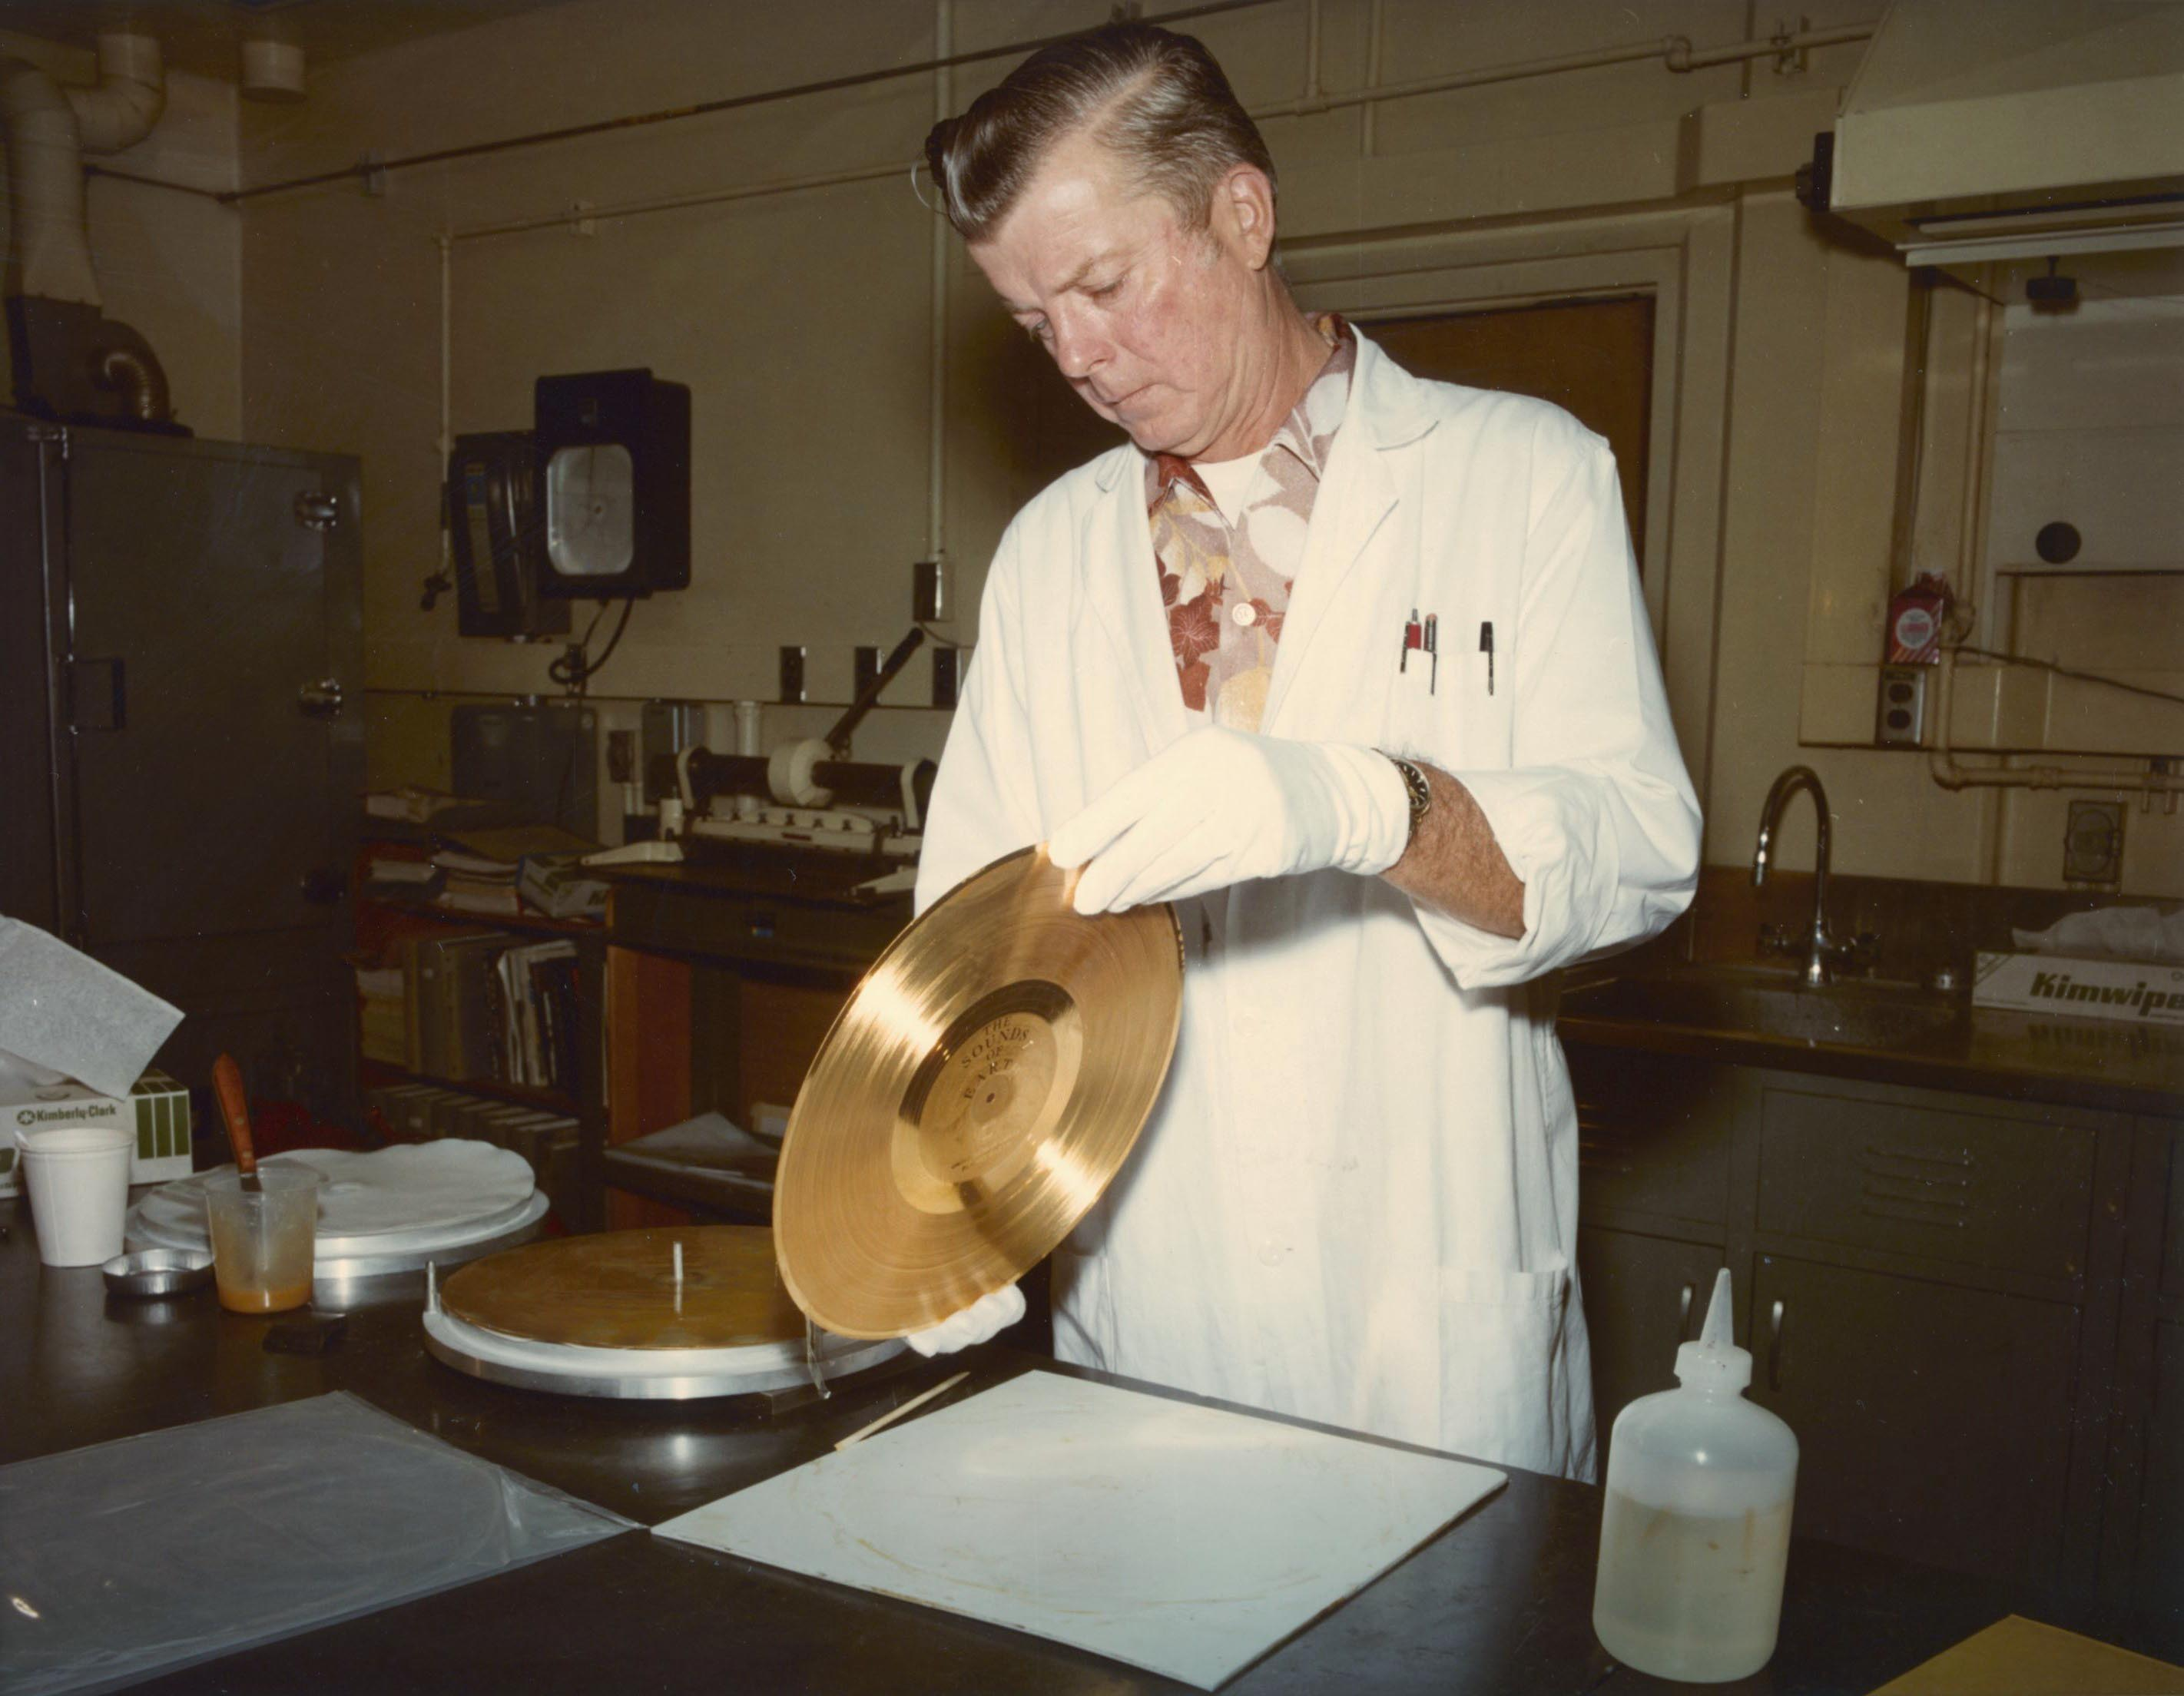 Discul aurit de pe Voyager in laboratoarele NASA